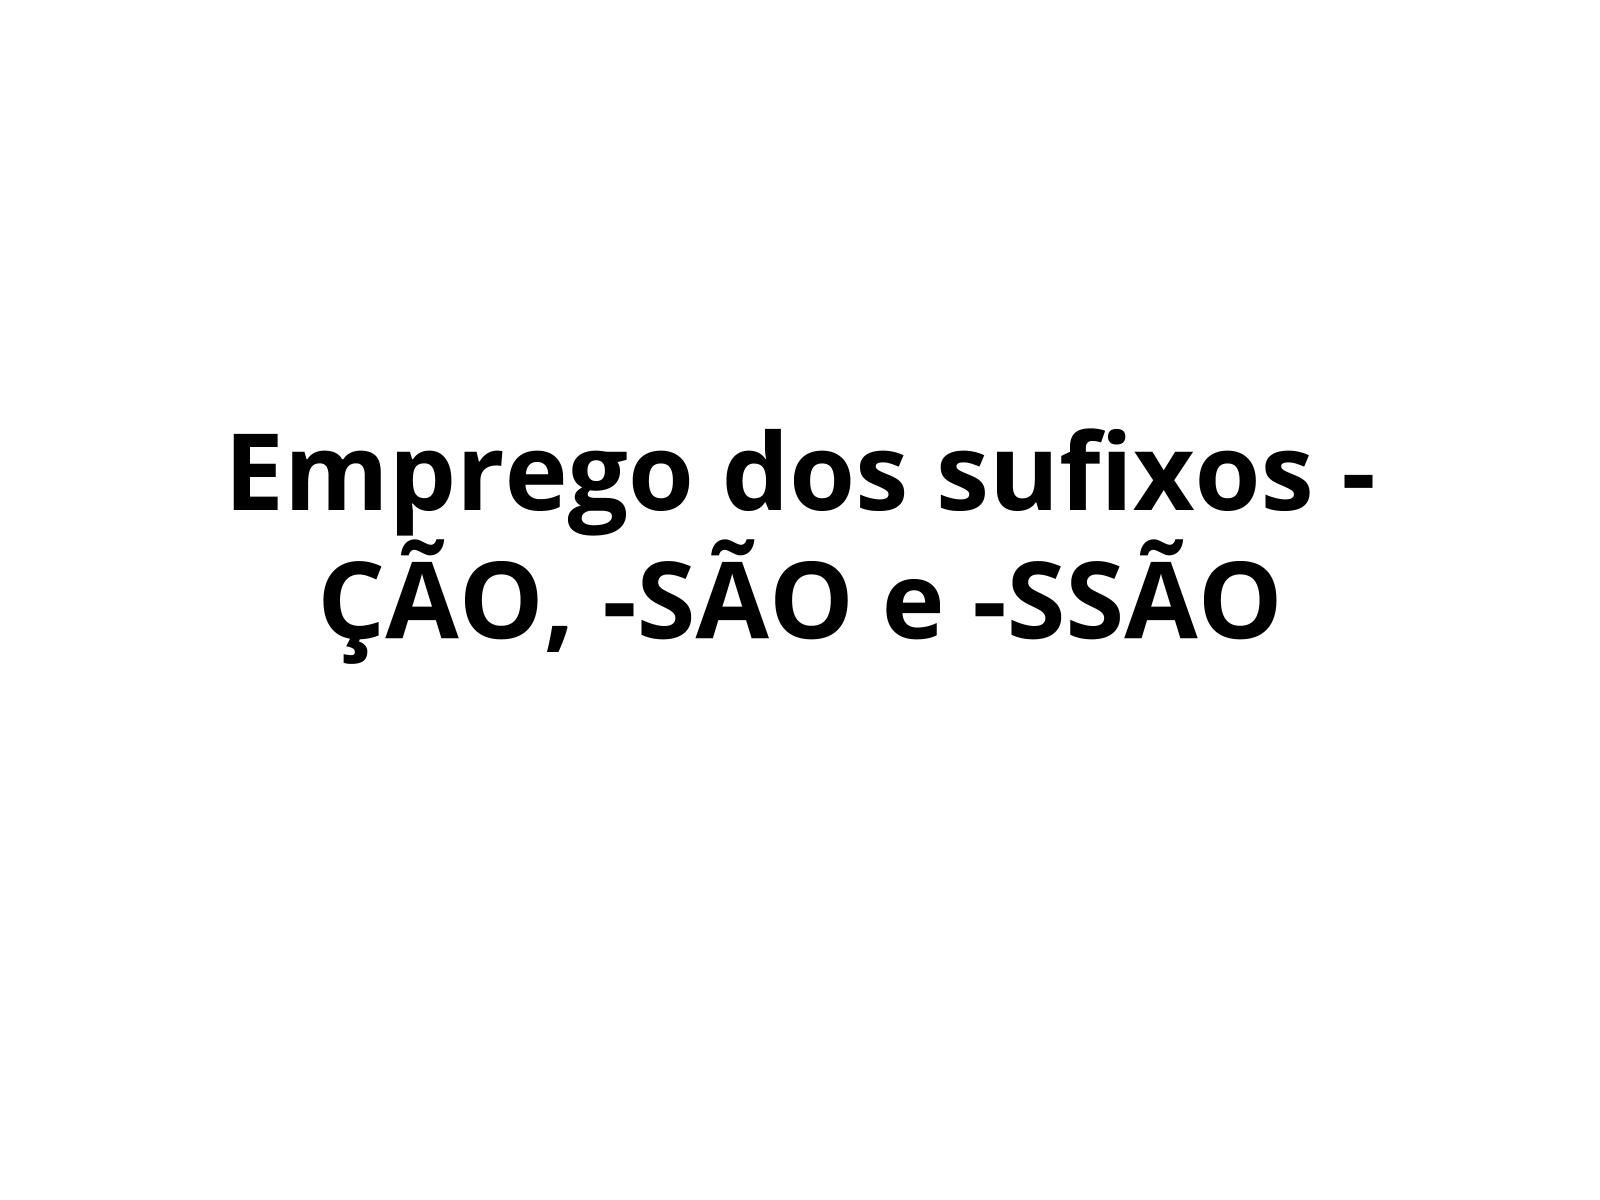 Emprego dos sufixos -ÇÃO, -SÃO, -SSÃO